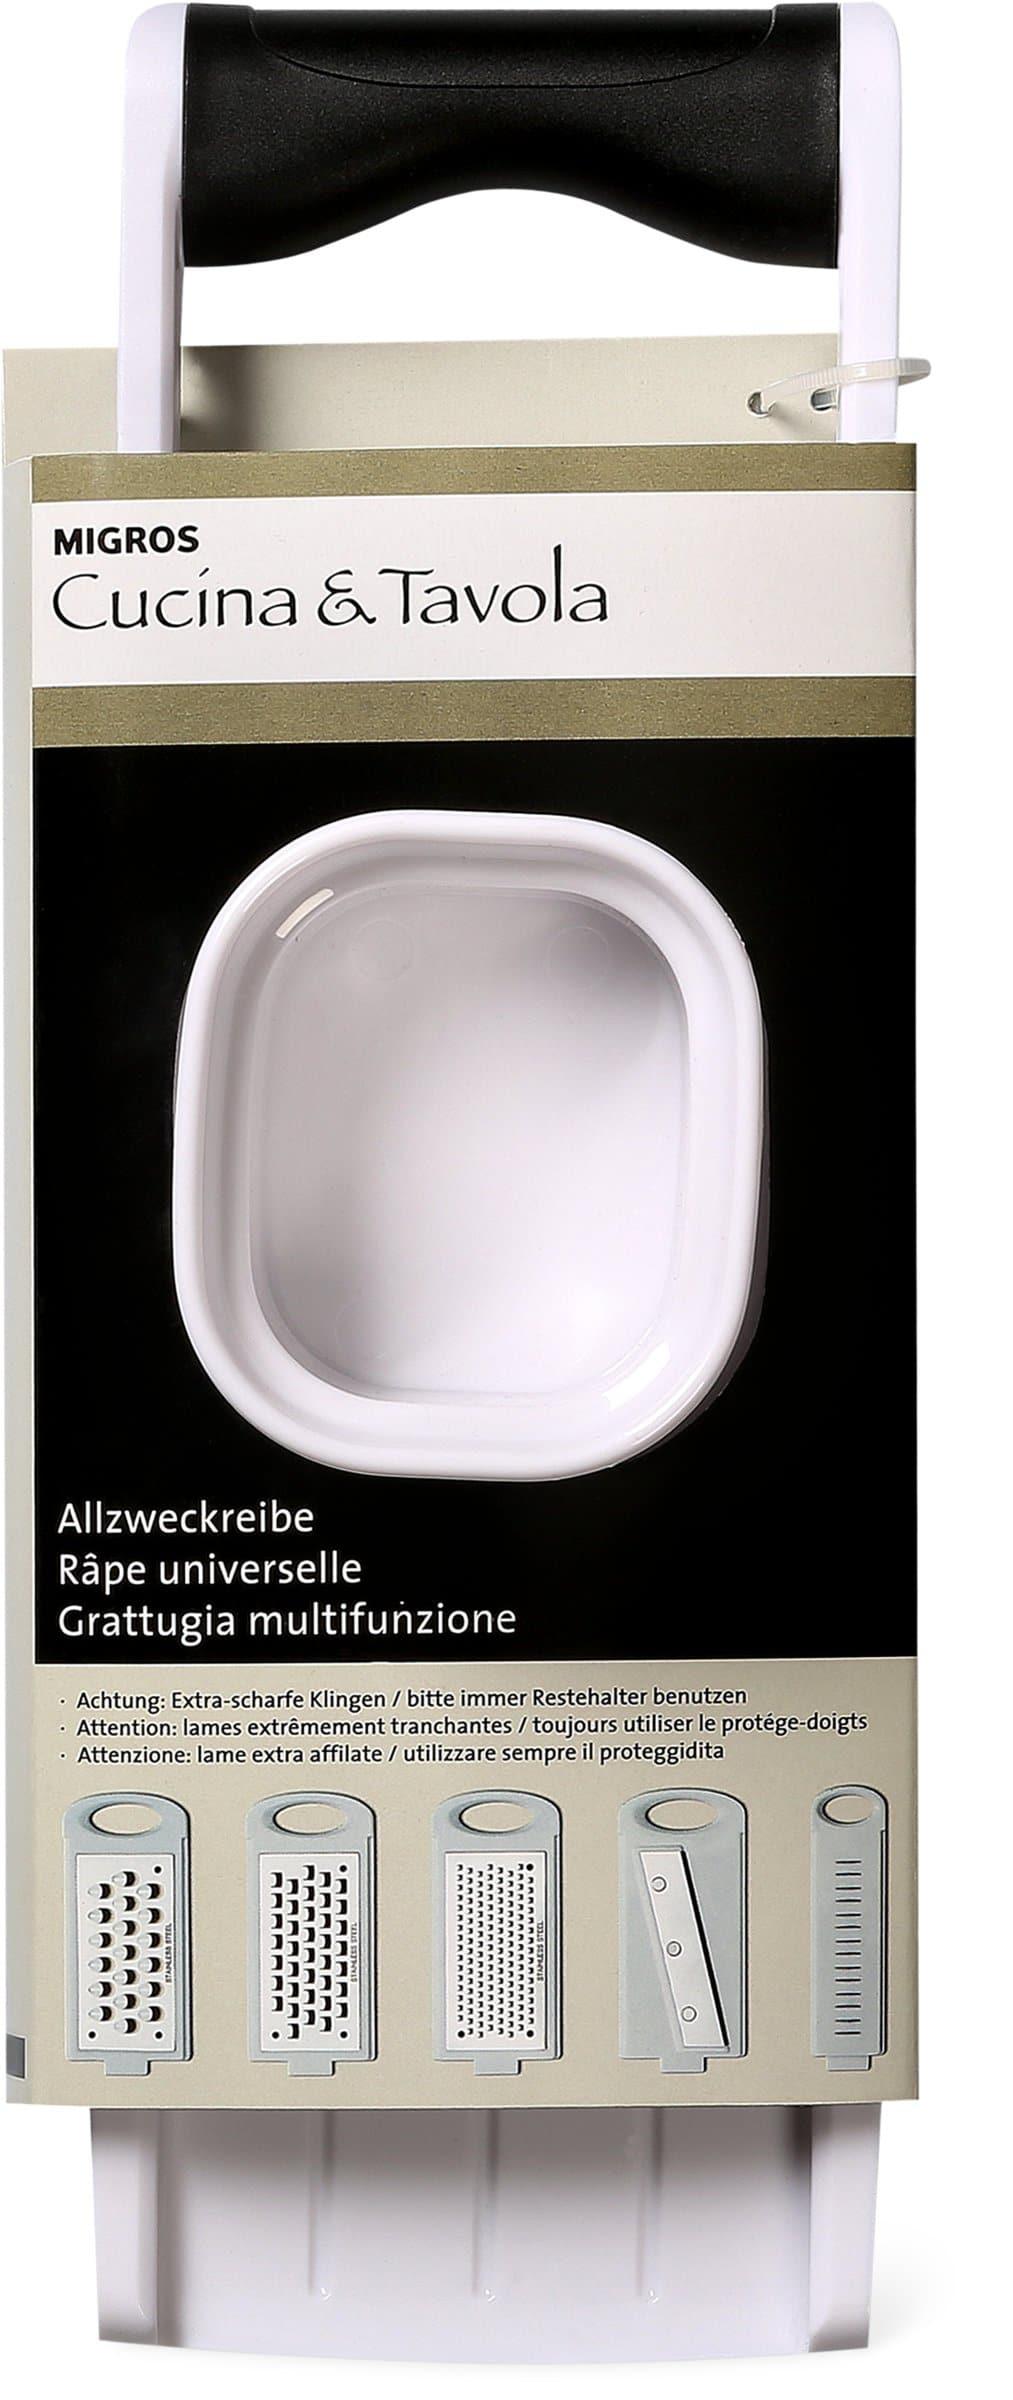 Cucina & Tavola Allzweckreibe